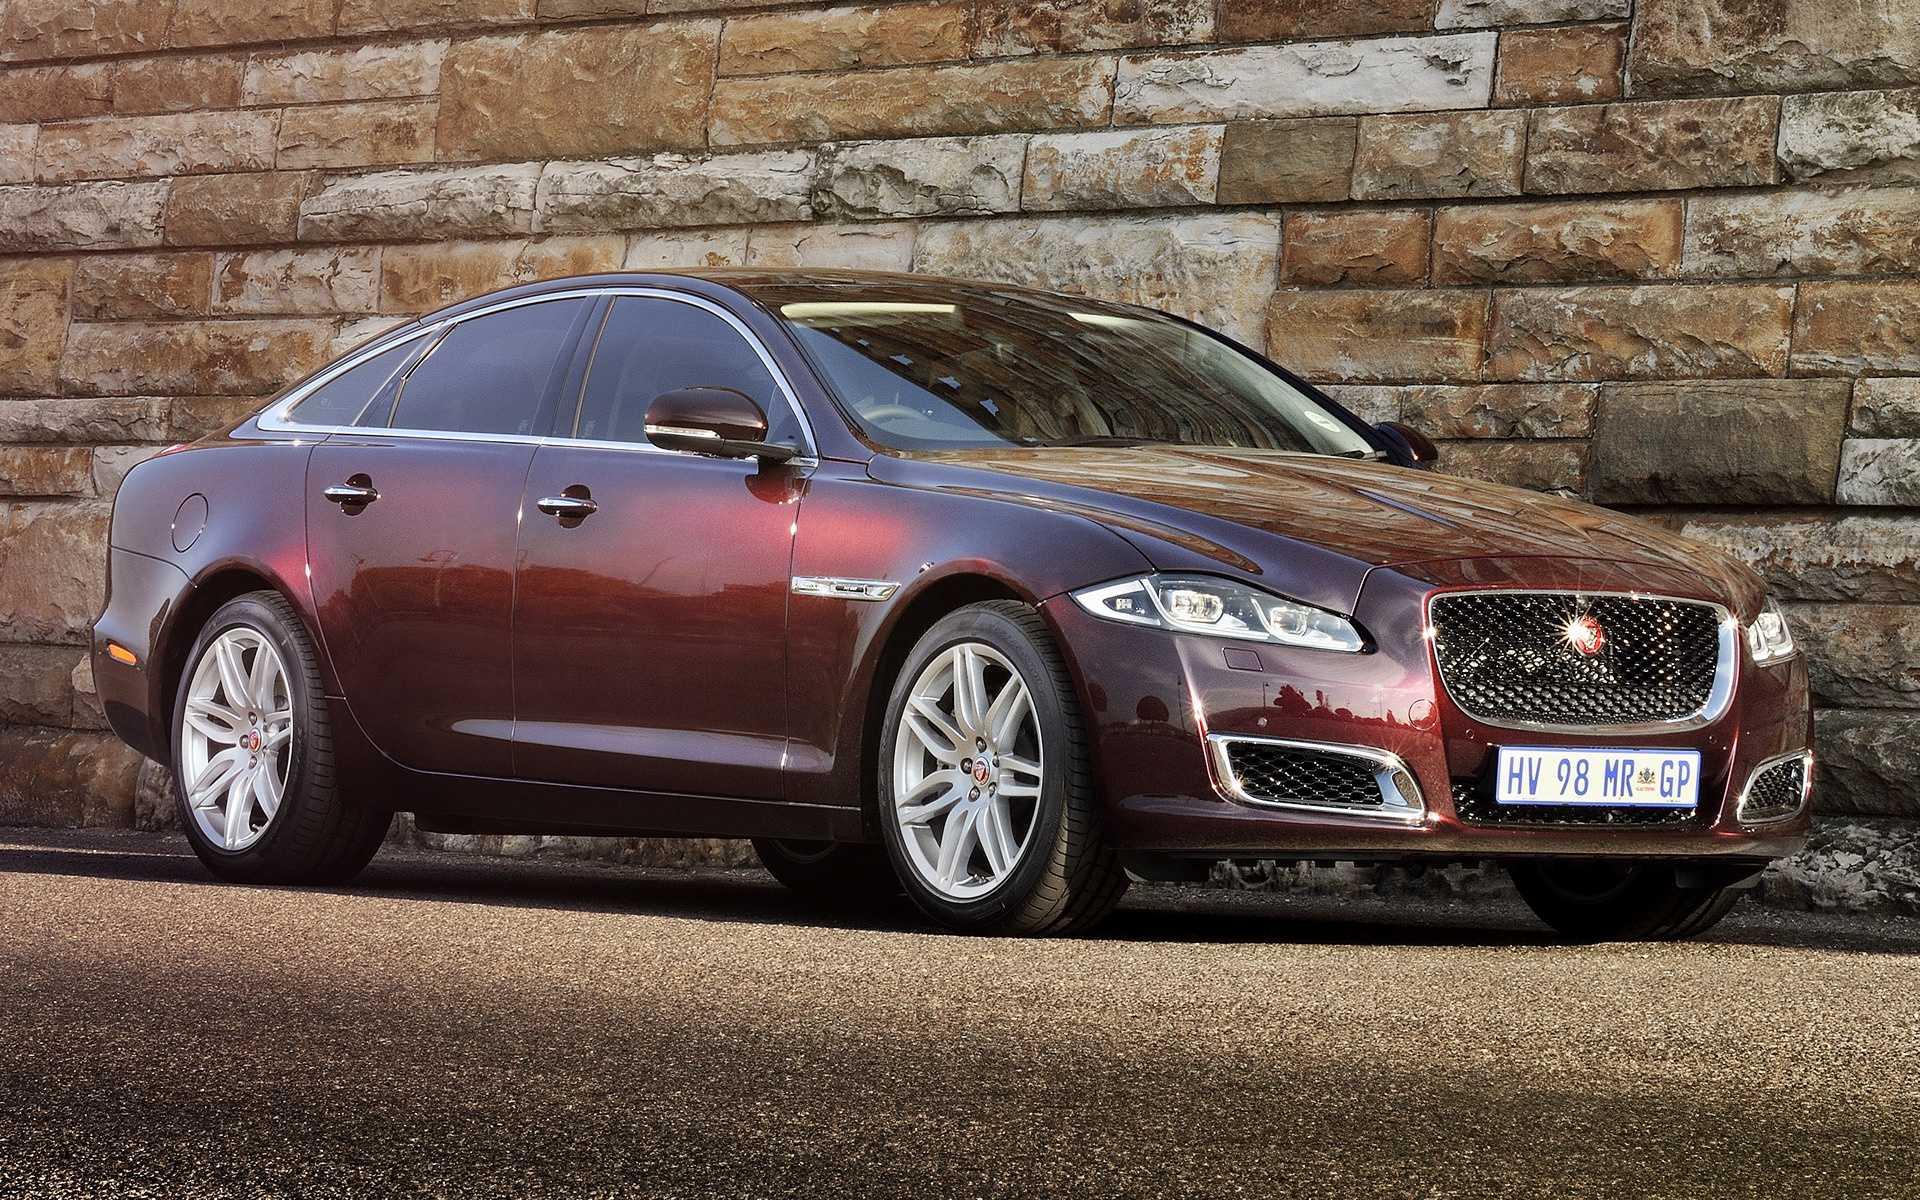 Jaguar xj 2019-2020 x351 цена, технические характеристики, фото, видео тест-драйв